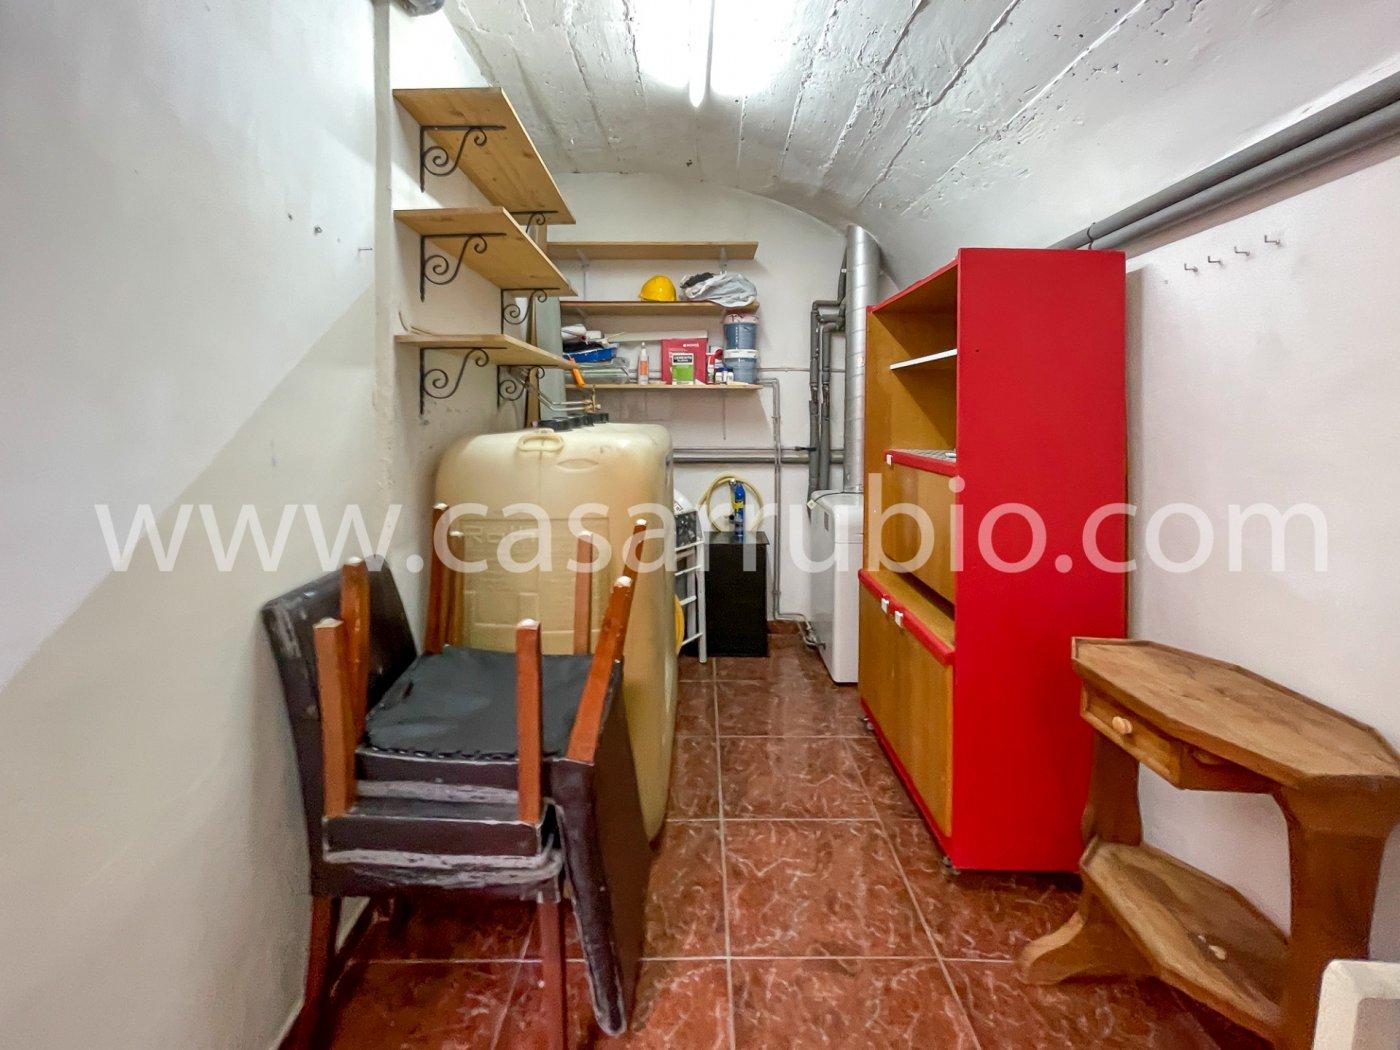 Estupenda casa reformada y con terraza en onil !! - imagenInmueble23